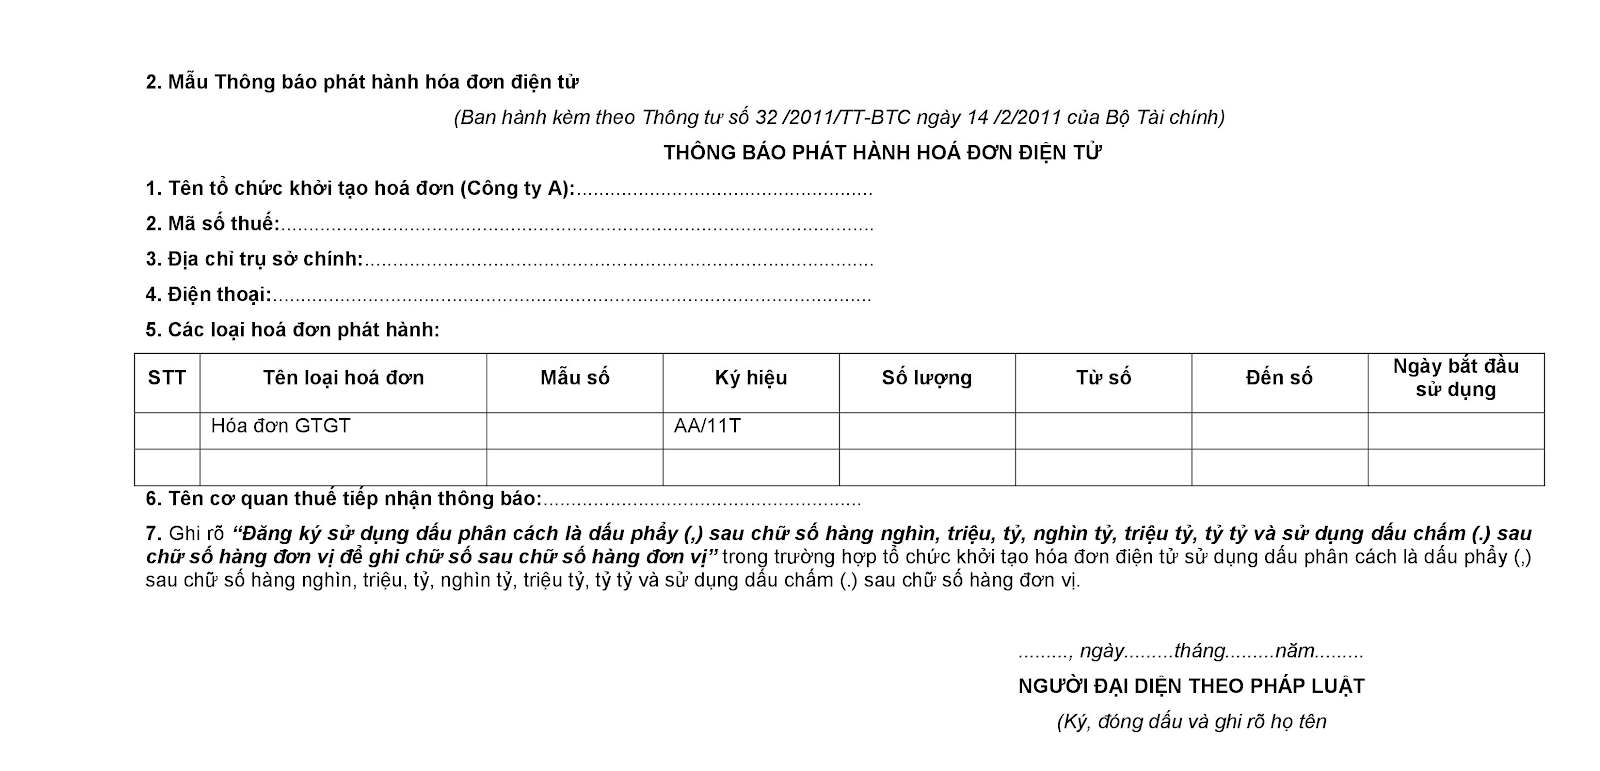 Mẫu đăng ký cấp hóa đơn điện tử trang 2